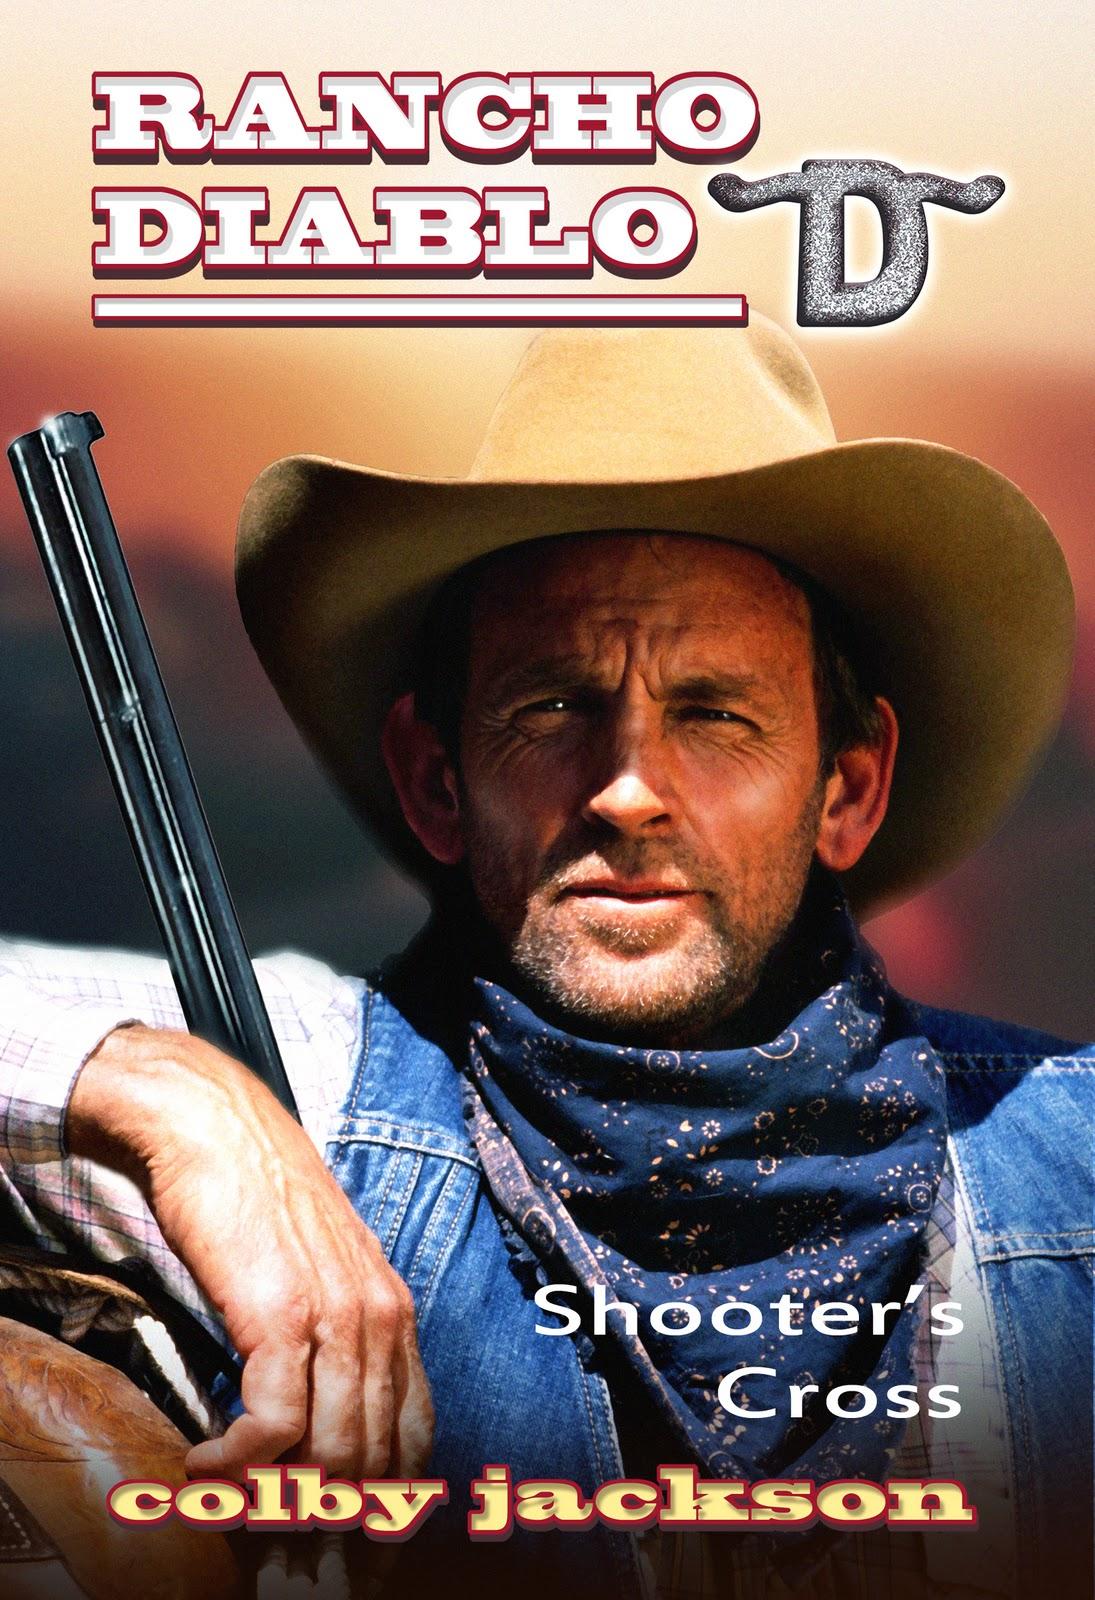 http://3.bp.blogspot.com/_Lz606fdw54s/TSqEl--SjiI/AAAAAAAAAFo/Ot0woP2VCqI/s1600/rancho_diablo_shooters_cross.jpg